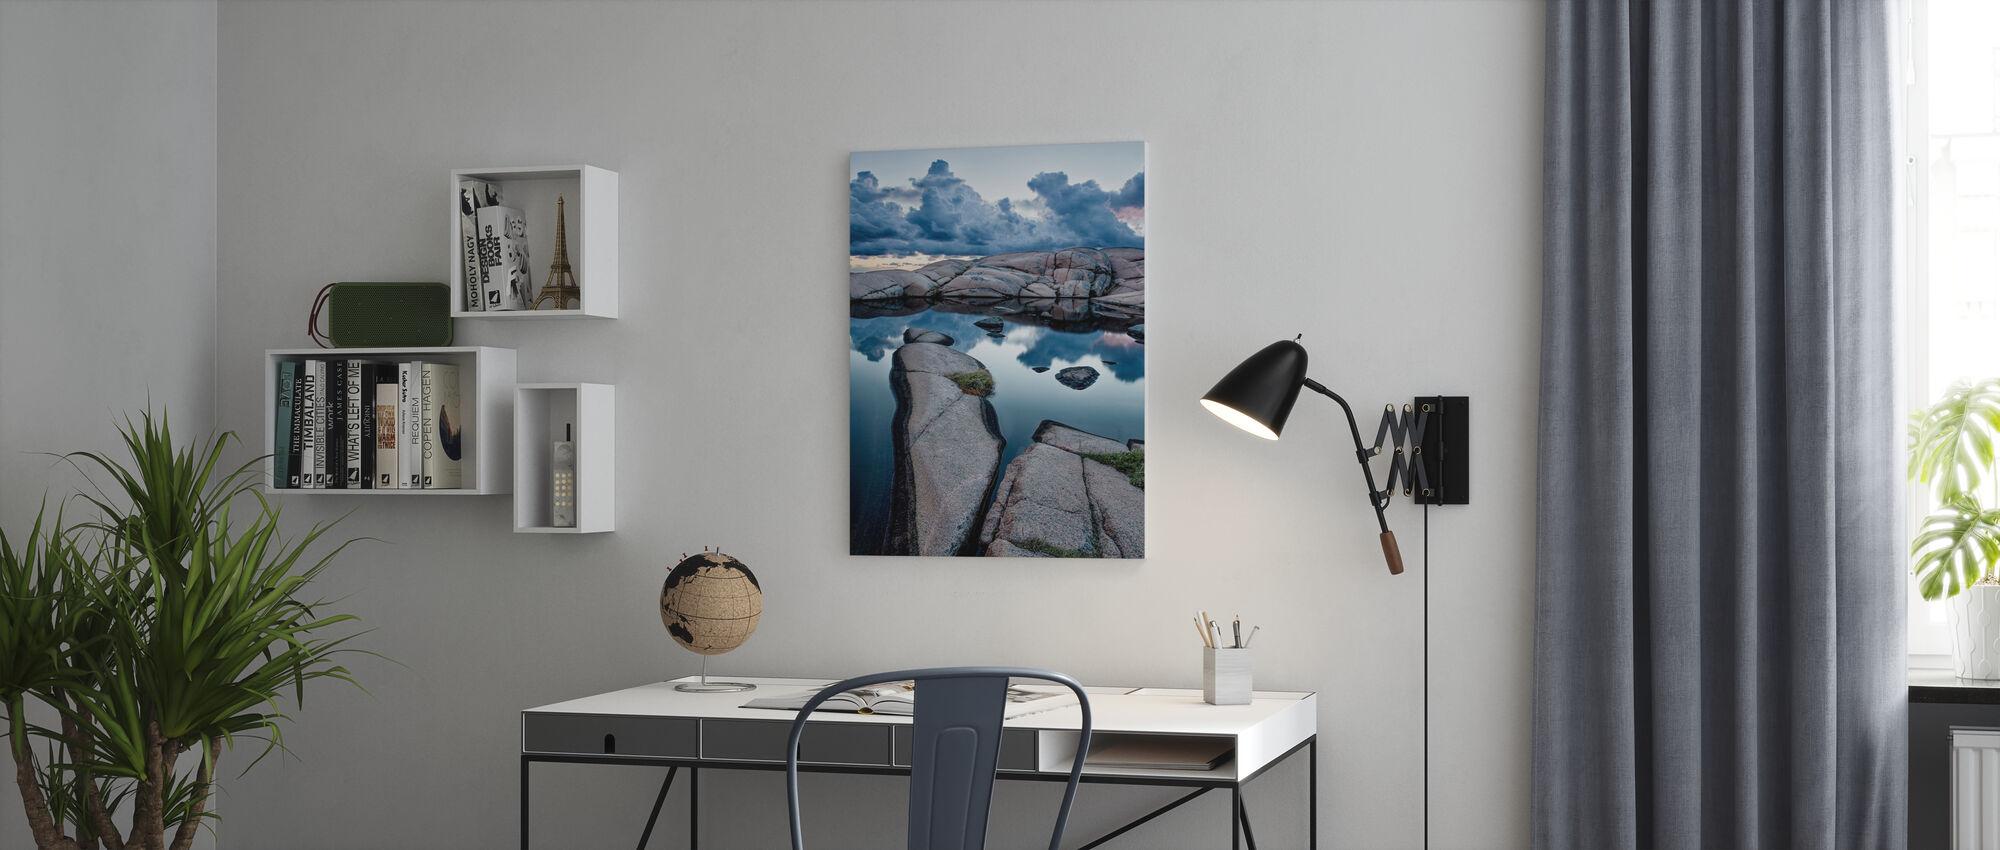 Stenen en Water - Canvas print - Kantoor